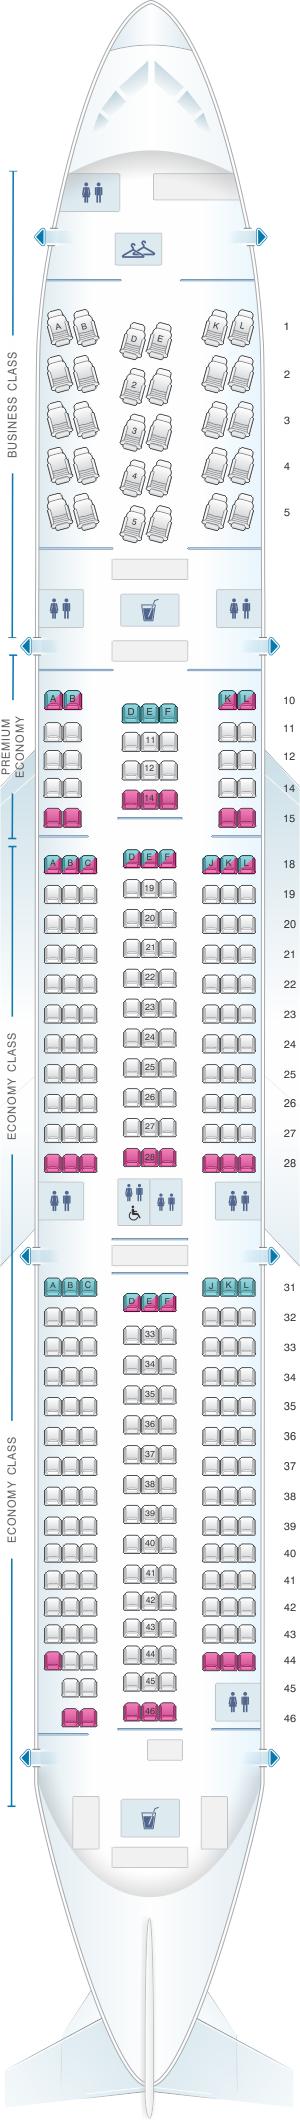 Seat map for Air Tahiti Nui Boeing B787 9